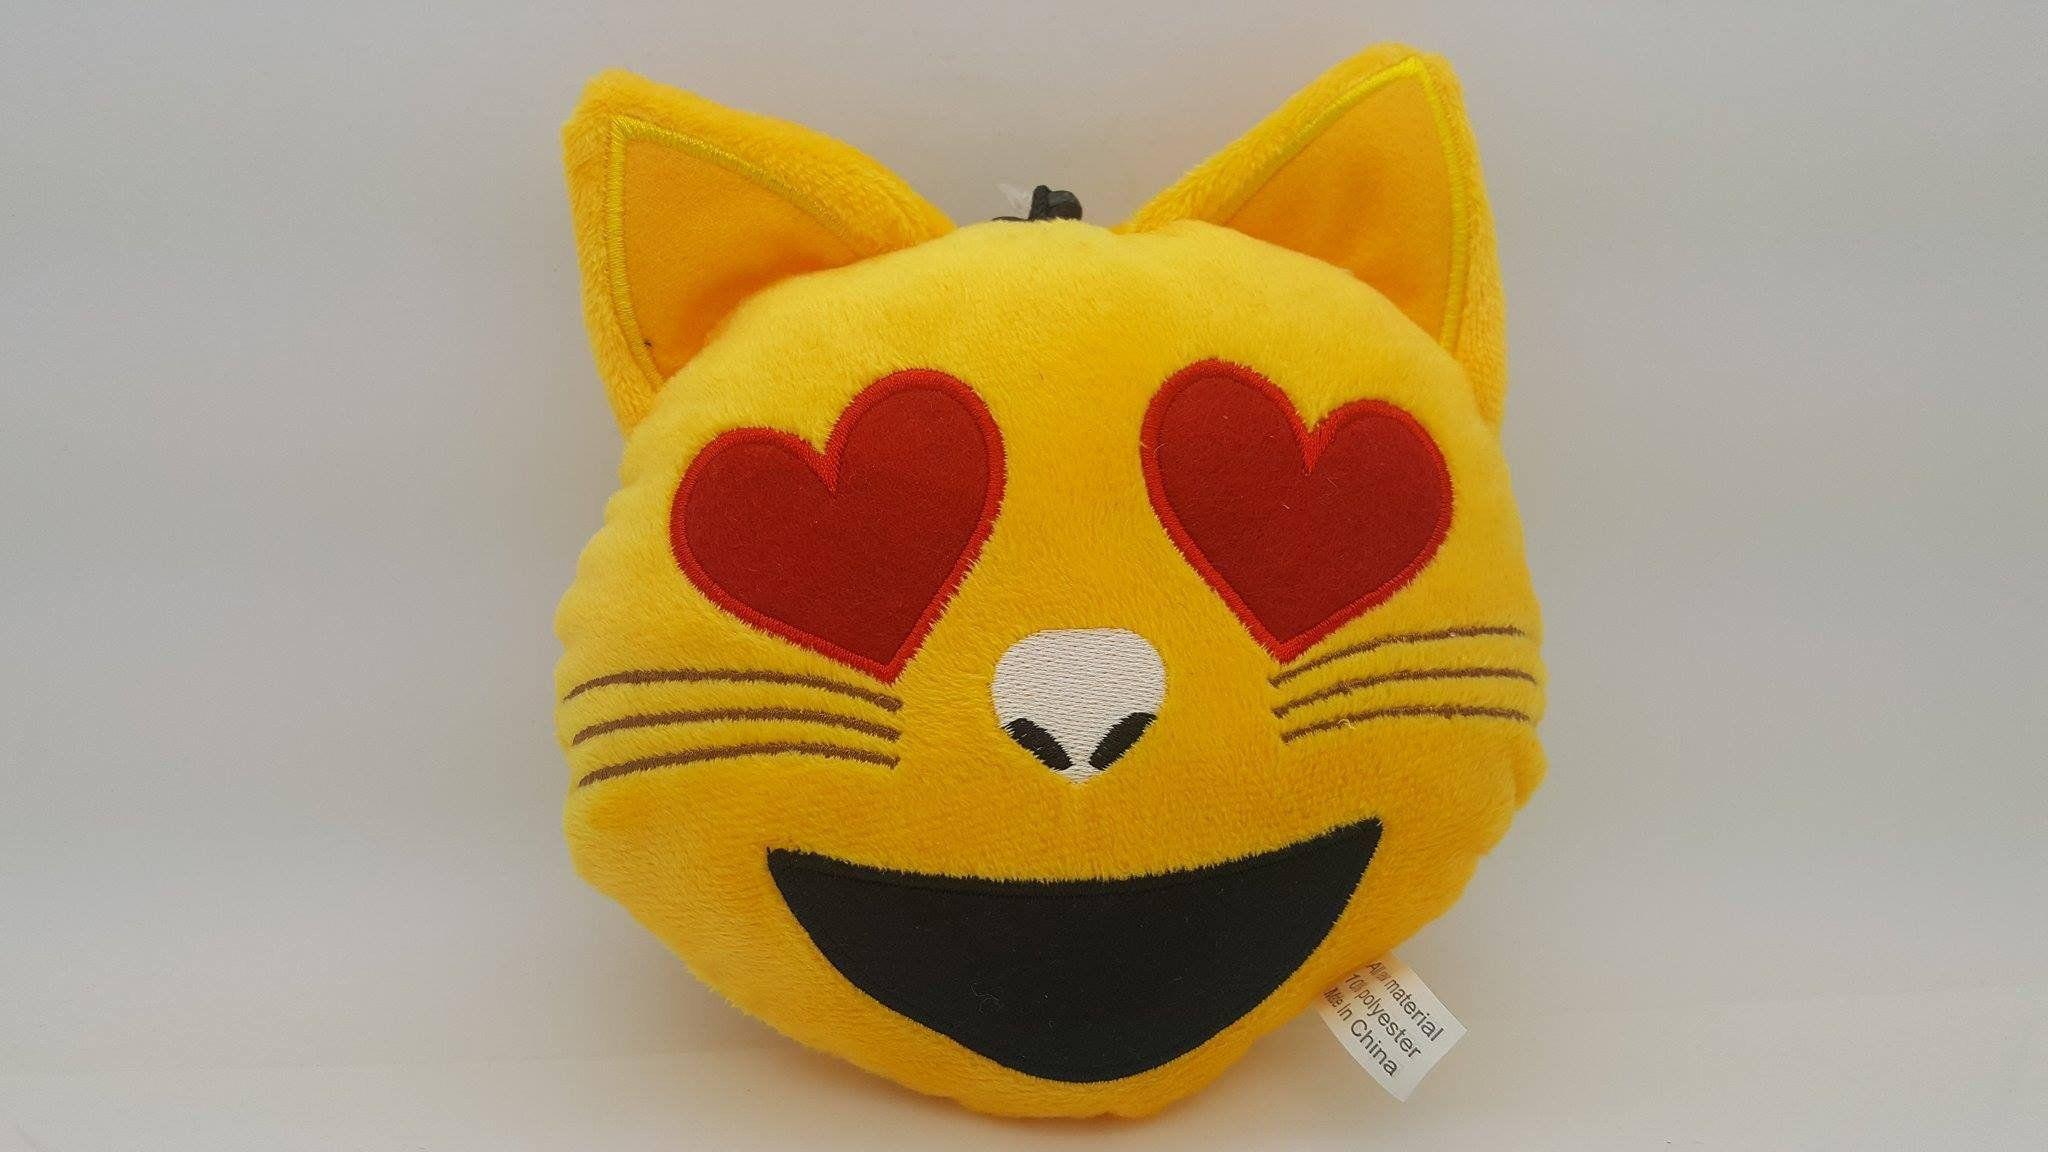 Emoji Pillows Heart Eyes Cat PlushMoji Emoji pillows